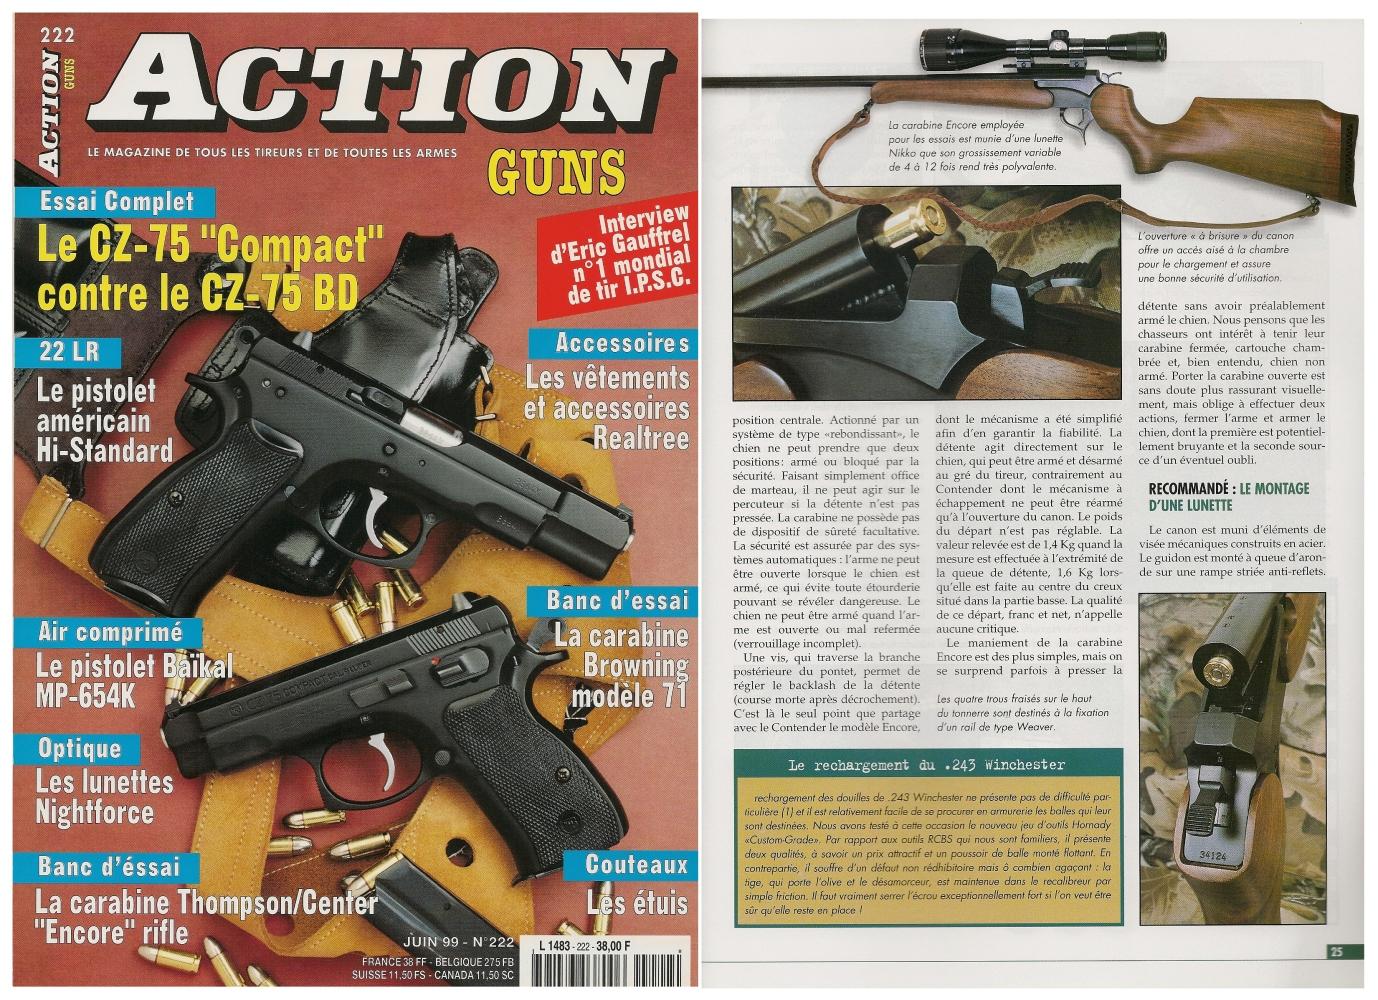 Le banc d'essai de la carabine Thompson/Center « Encore » a été publié sur 5 pages dans le magazine Action Guns n°222 (juin 1999).